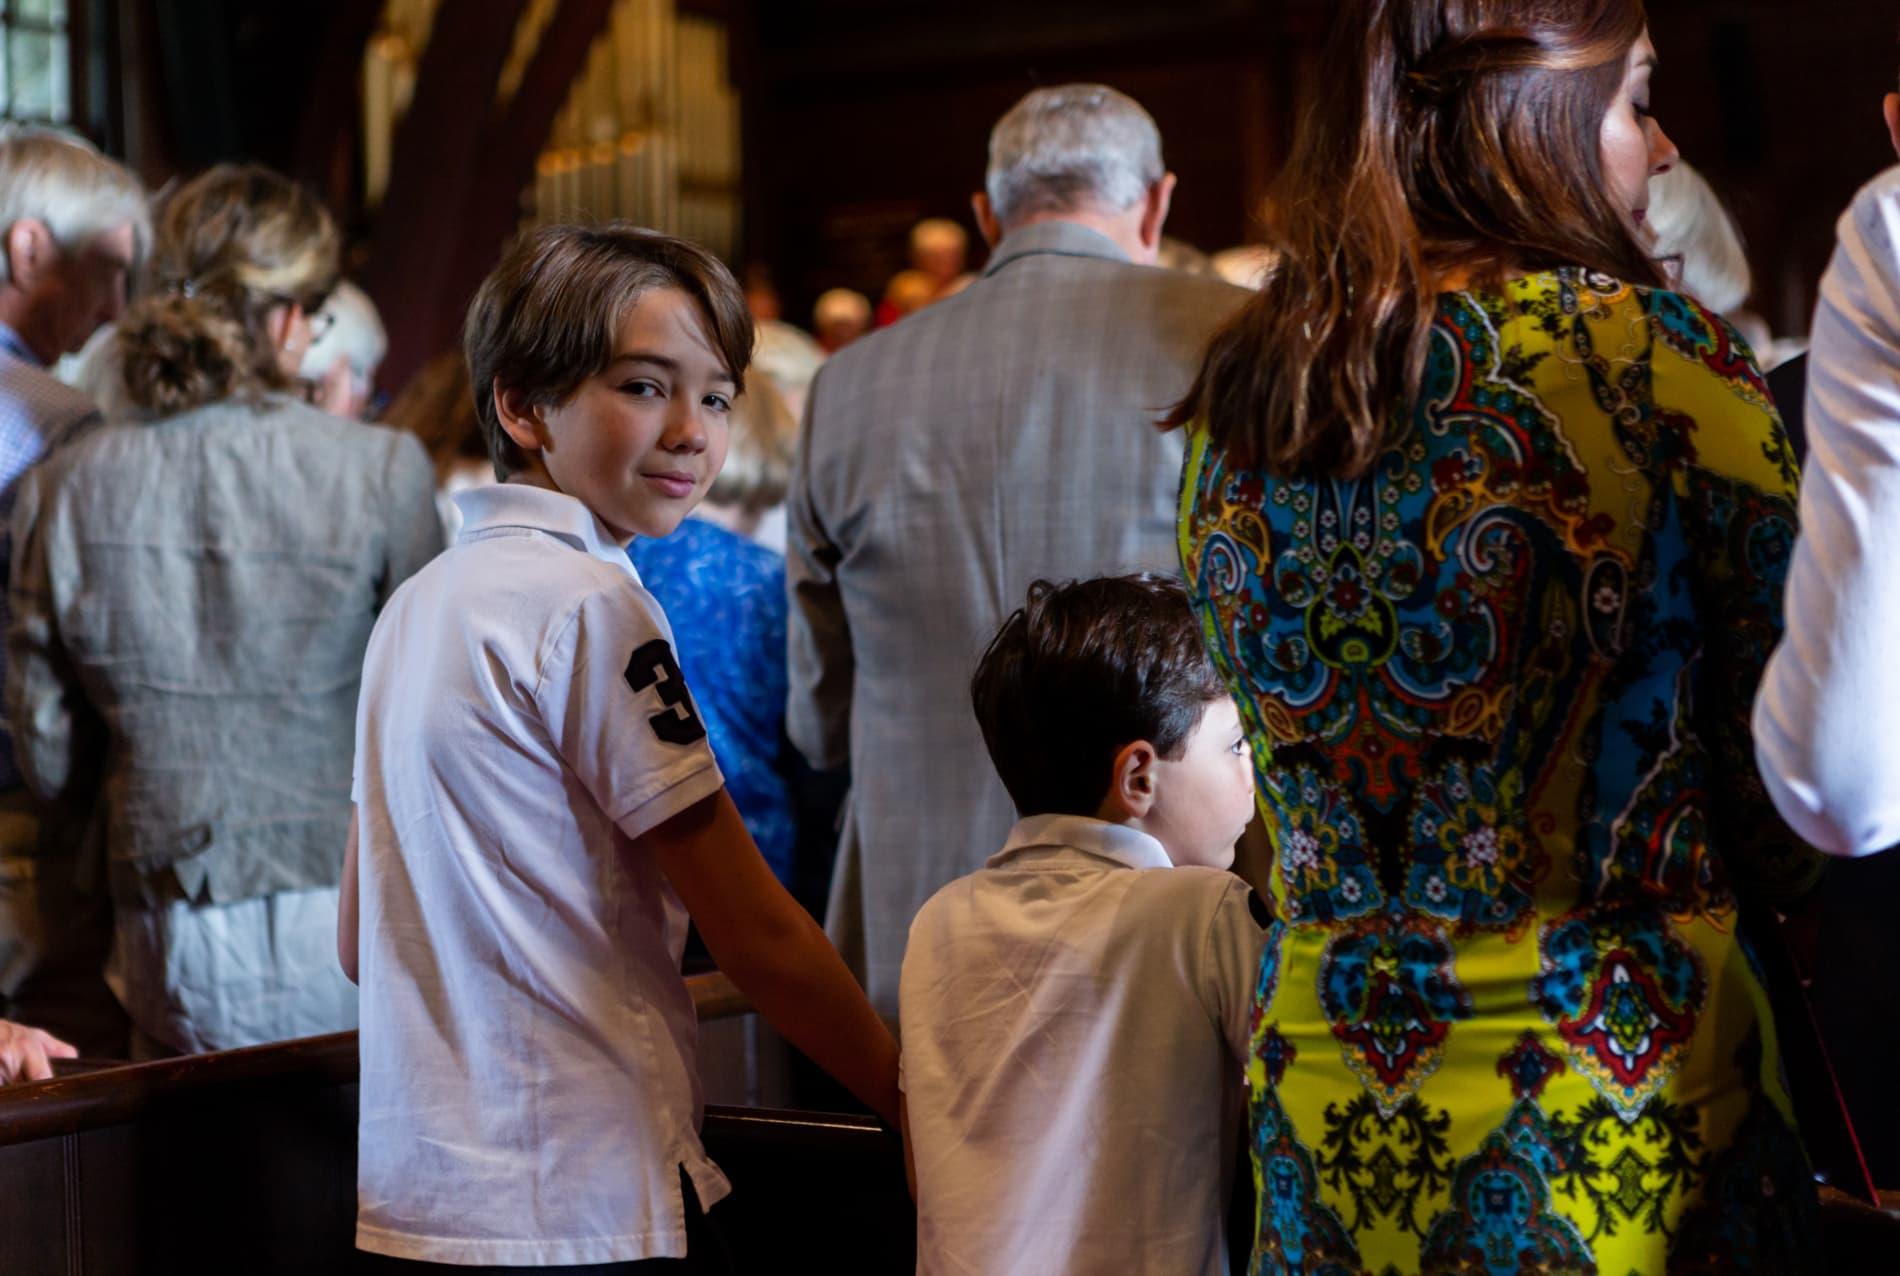 A boy in worship